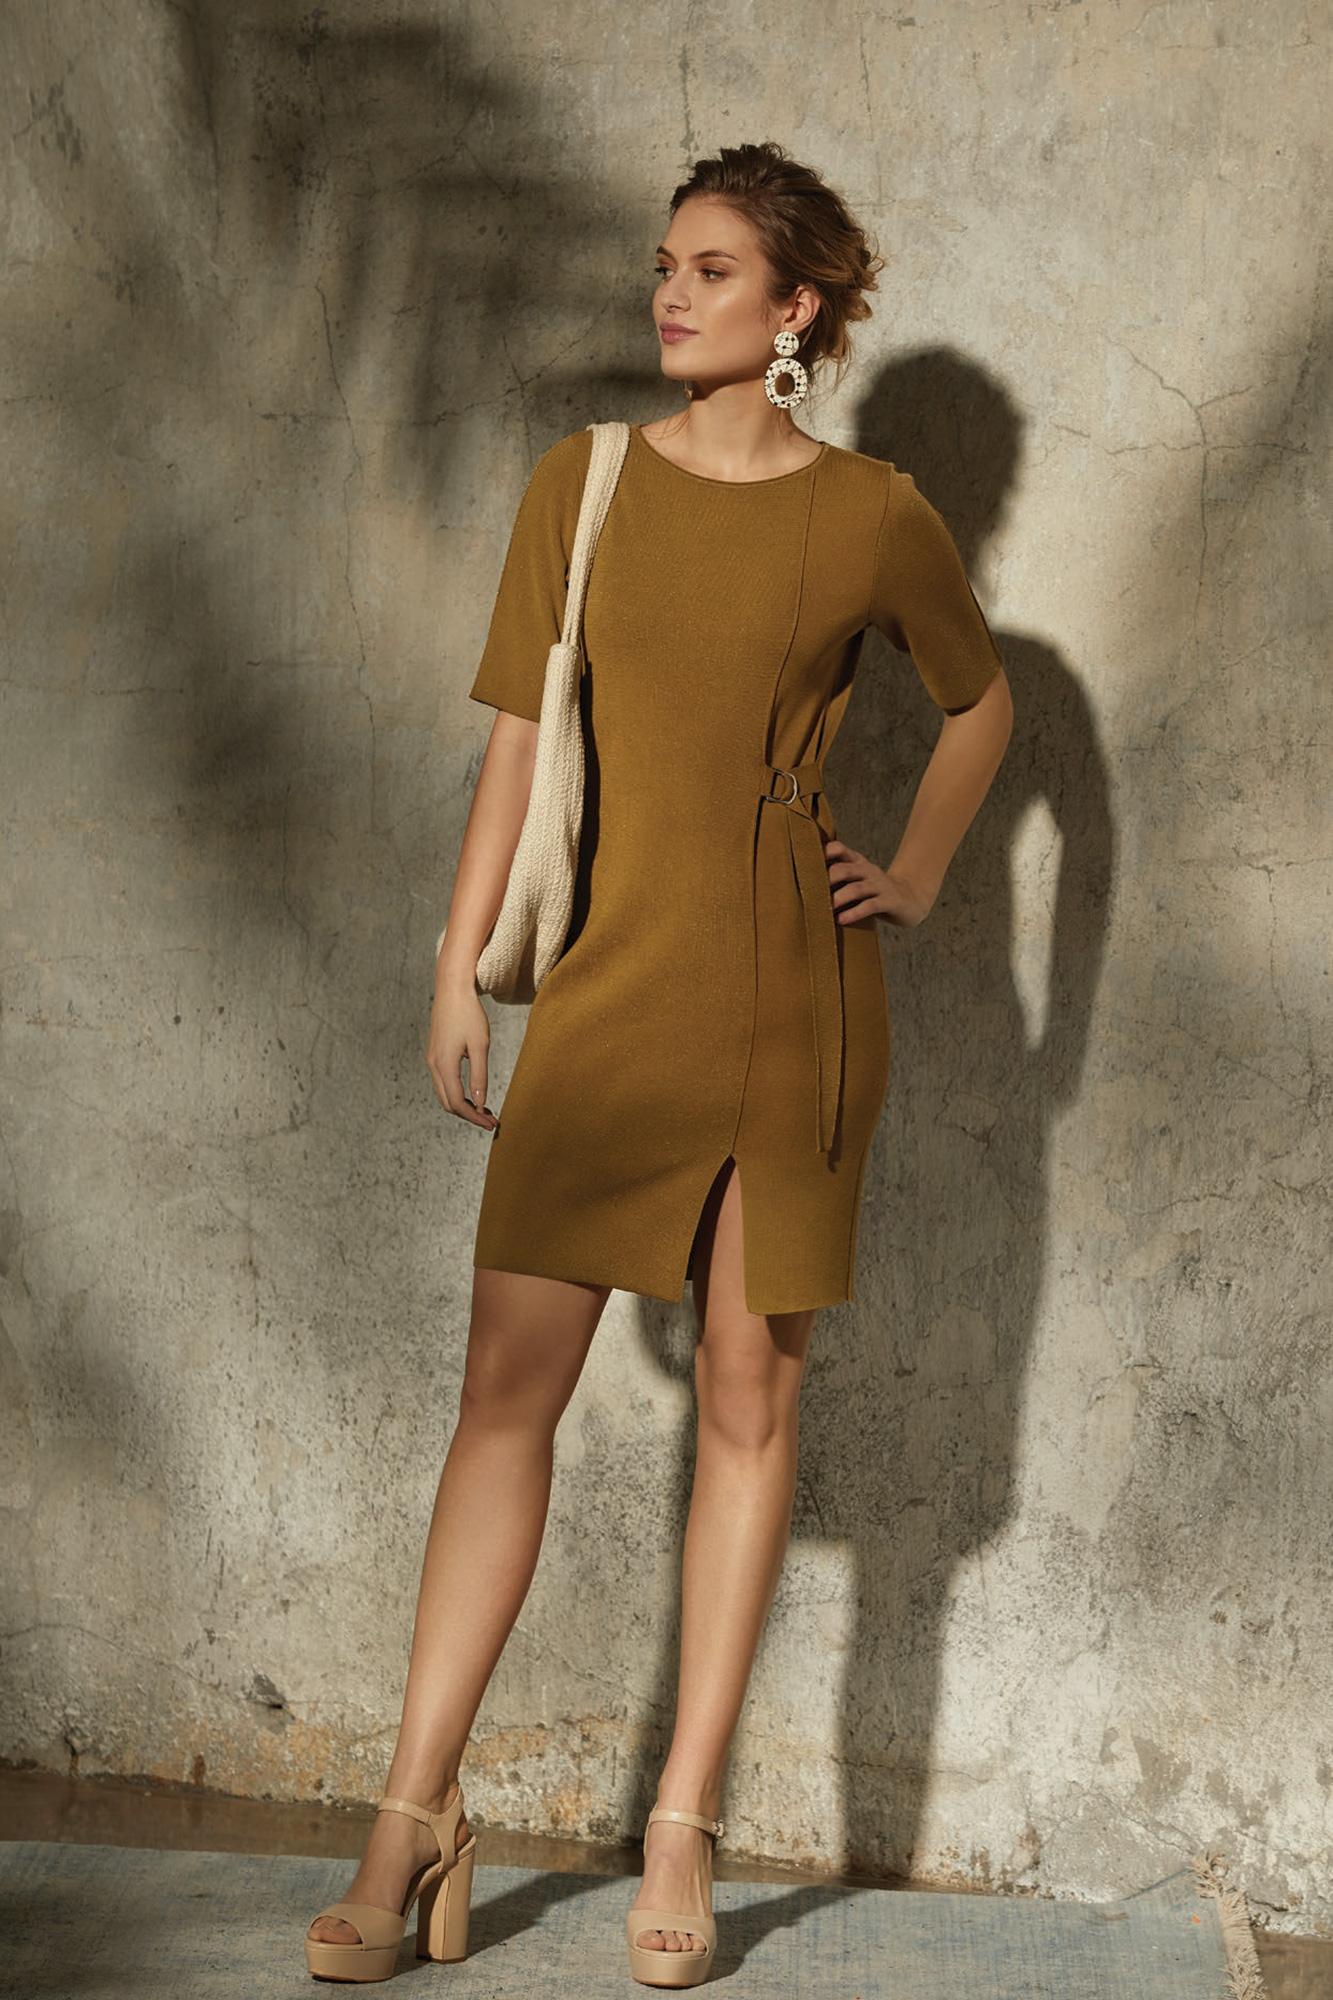 suknia felicia, suknia dzianina, dopasowana suknia, elegancka suknia